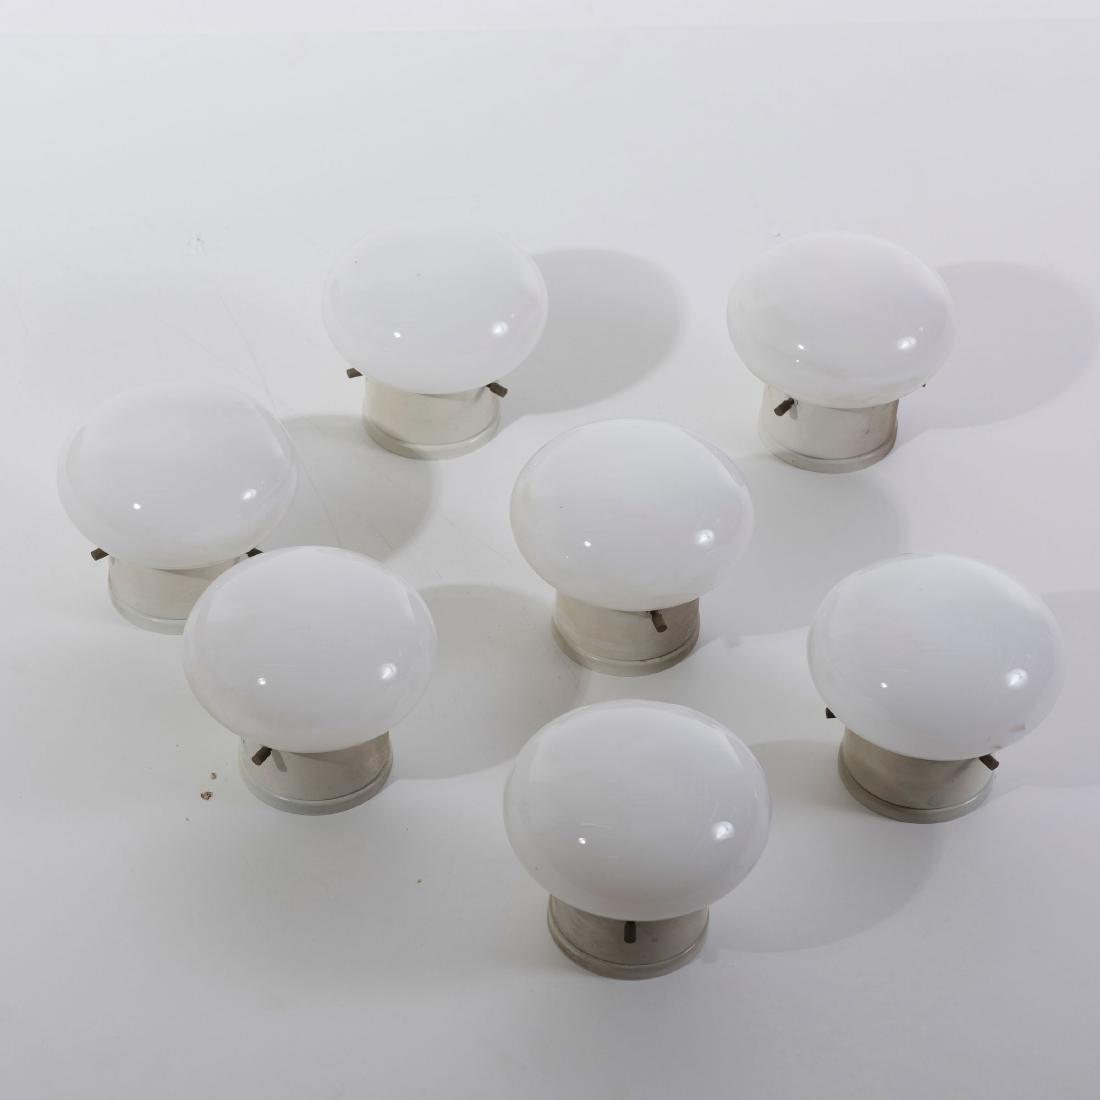 12 Sconces / Ceiling lights, c. 1955 - 3